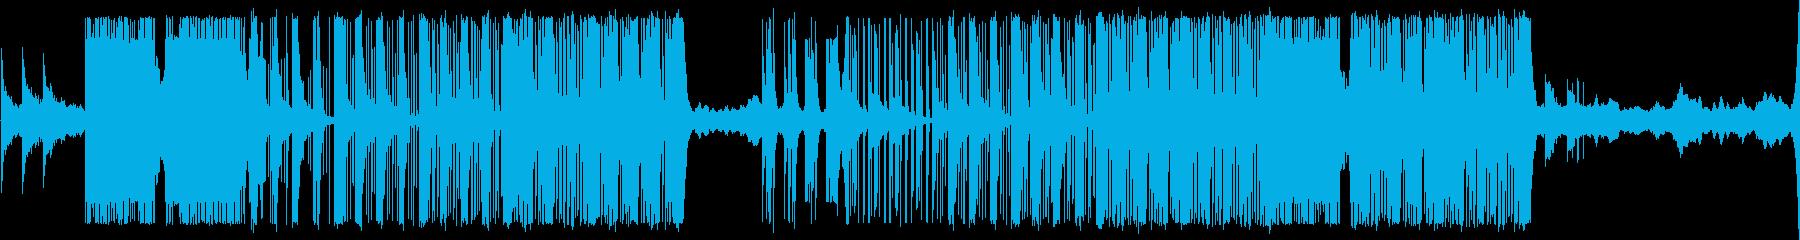 R&Bでドリームな曲の再生済みの波形